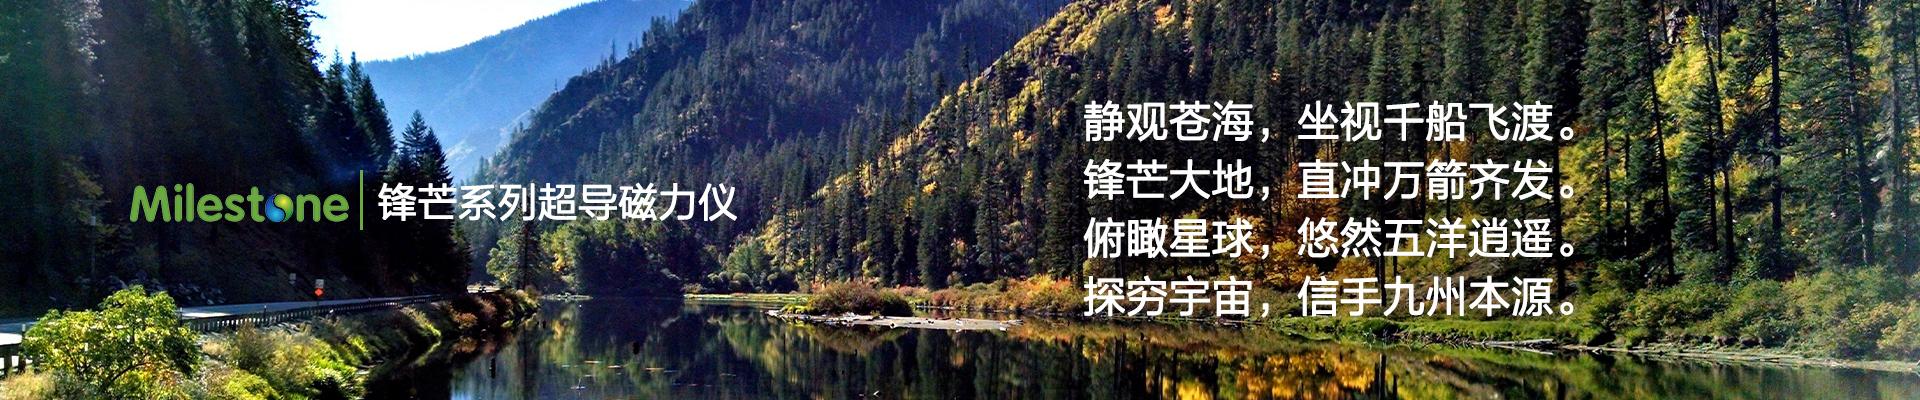 北京美爾斯通科技發展股份有限公司公司介紹